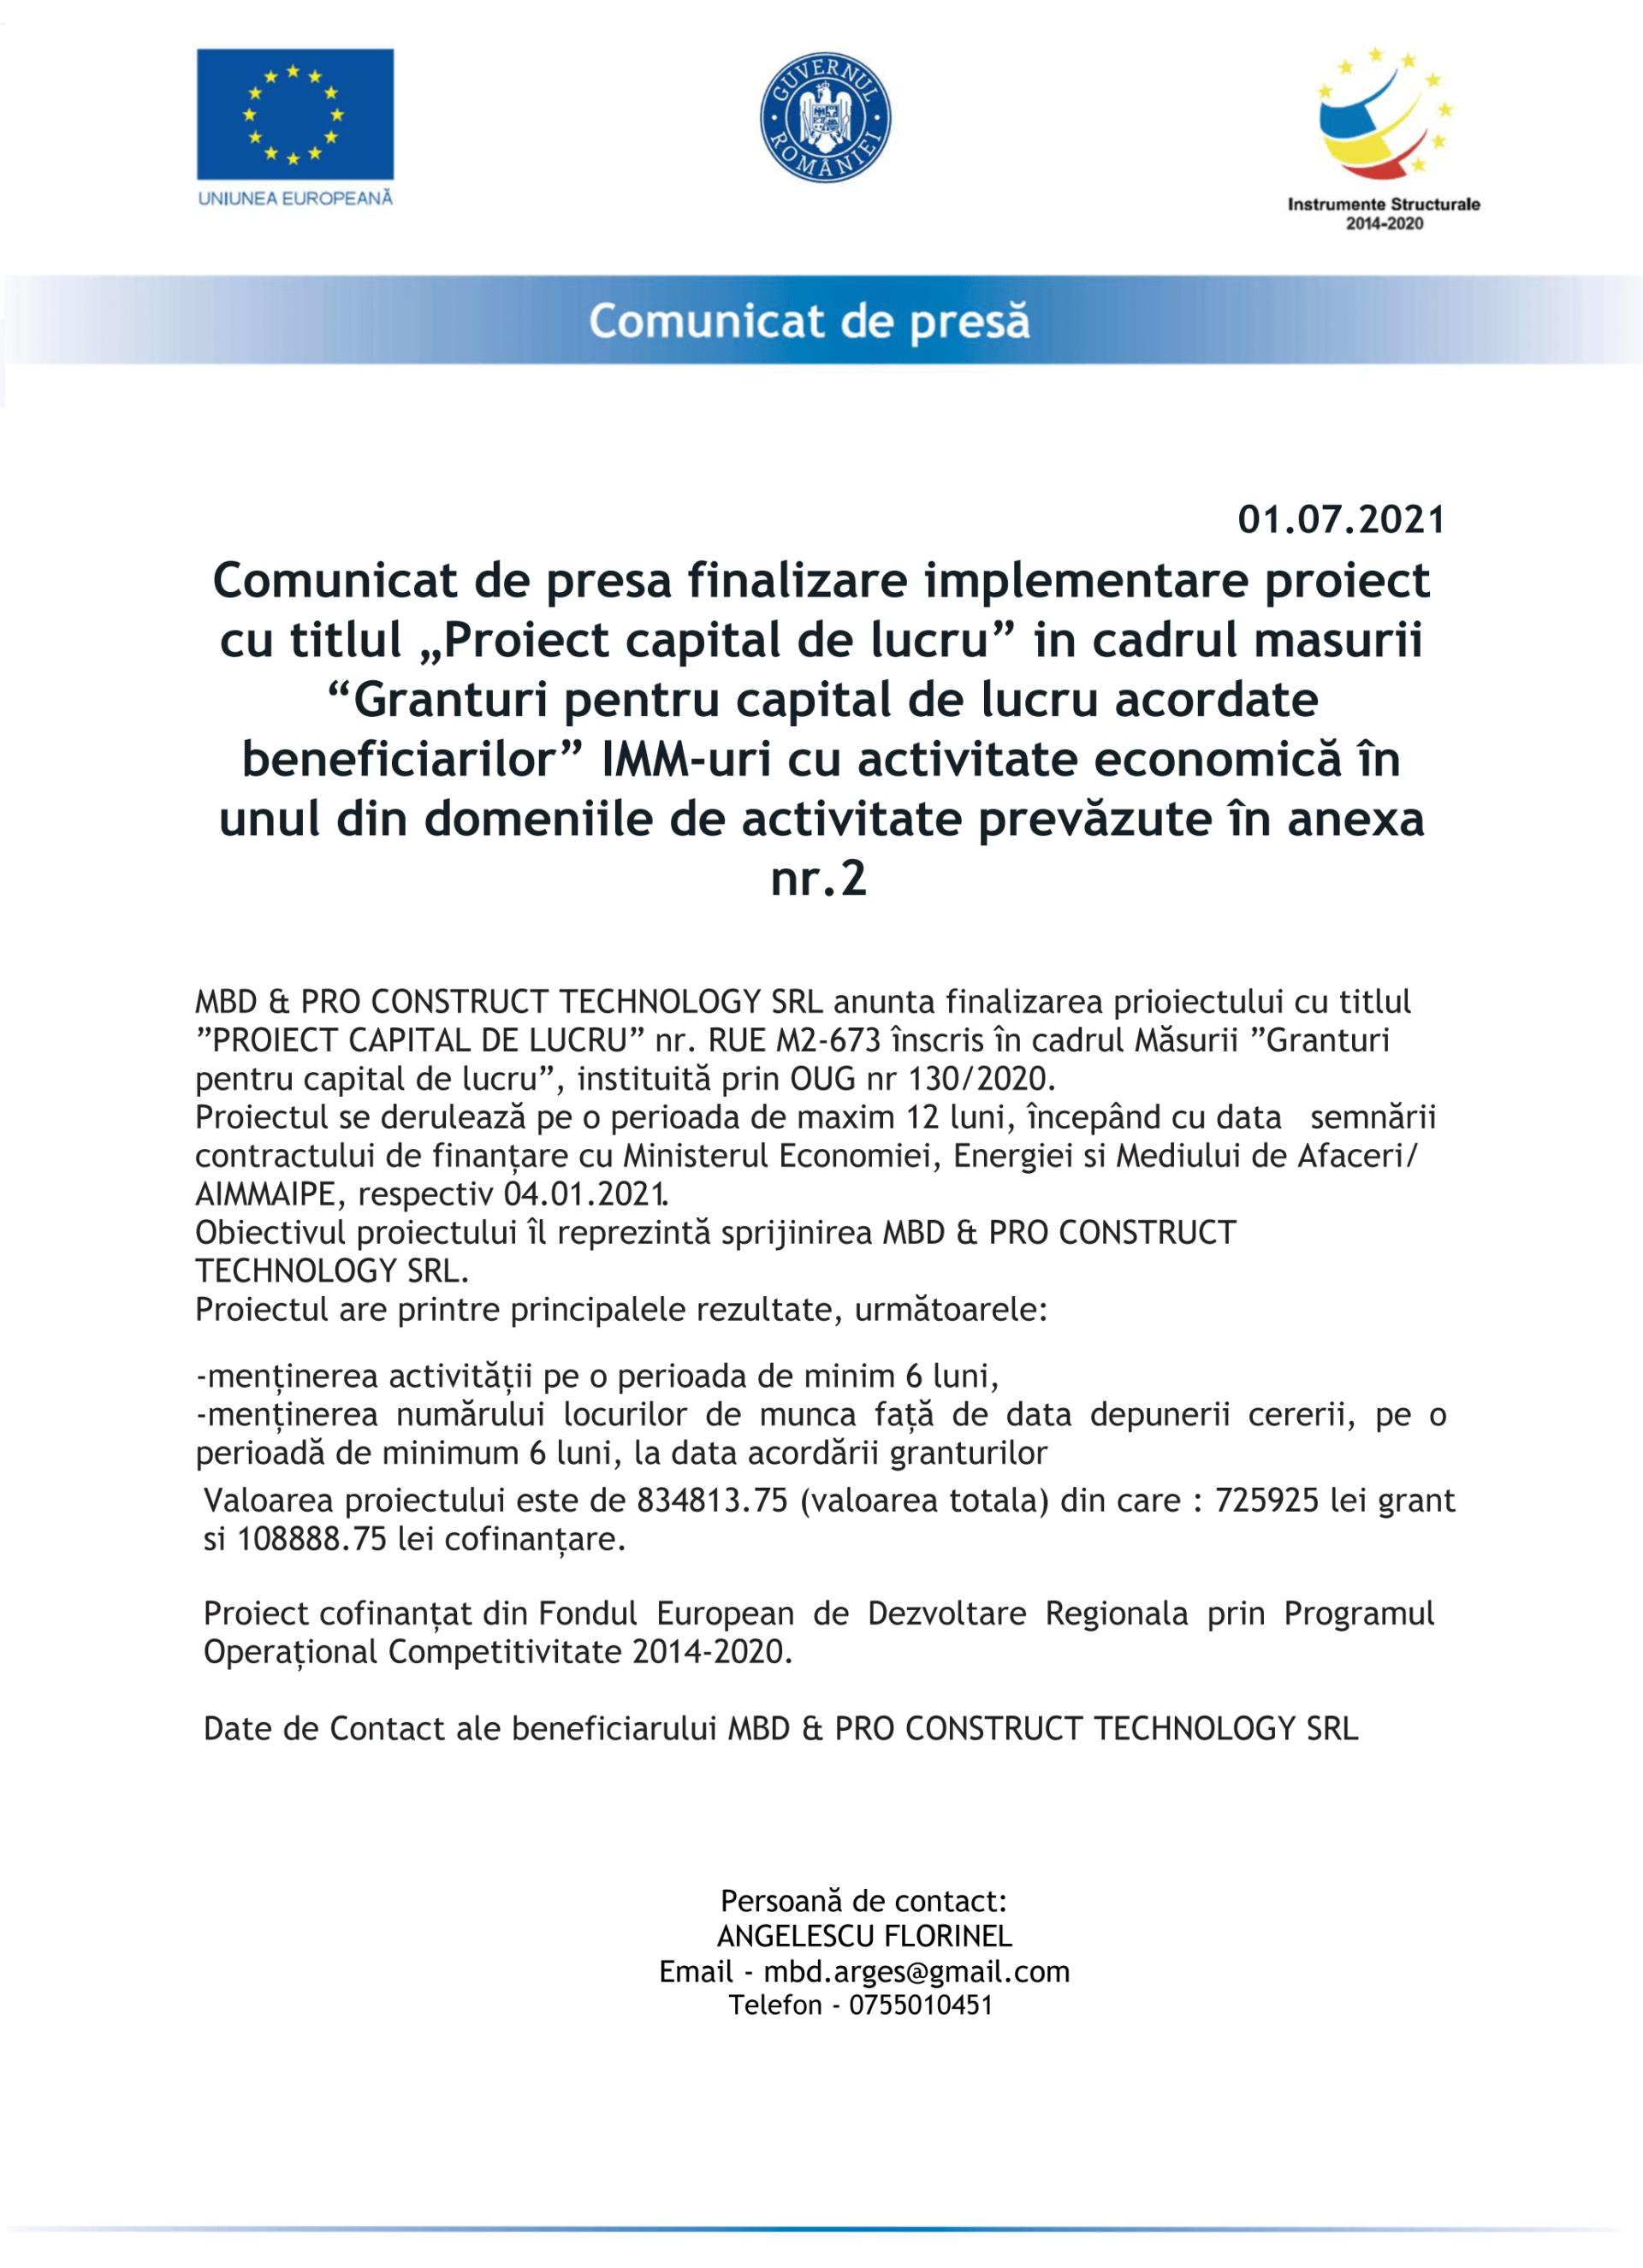 COMUNICAT-DE-PRESA-FINALIZARE-PROIECT-MBD